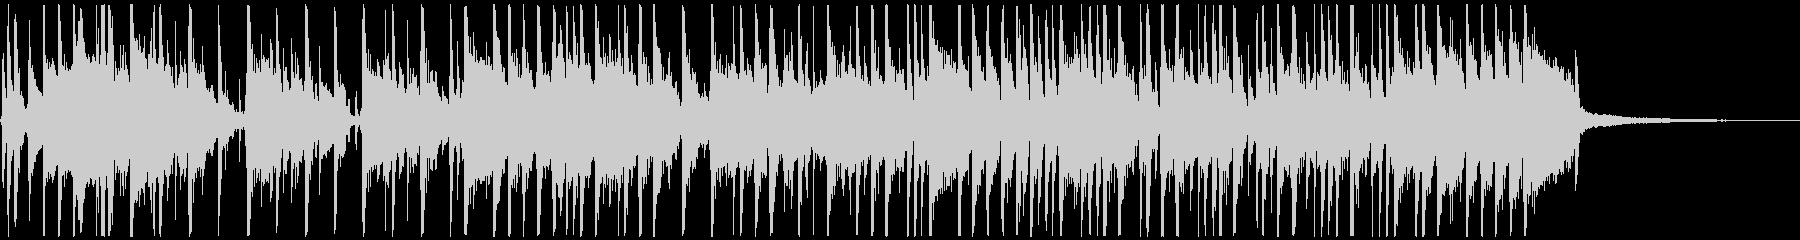 ジングル3、コミカルなFunk Rockの未再生の波形